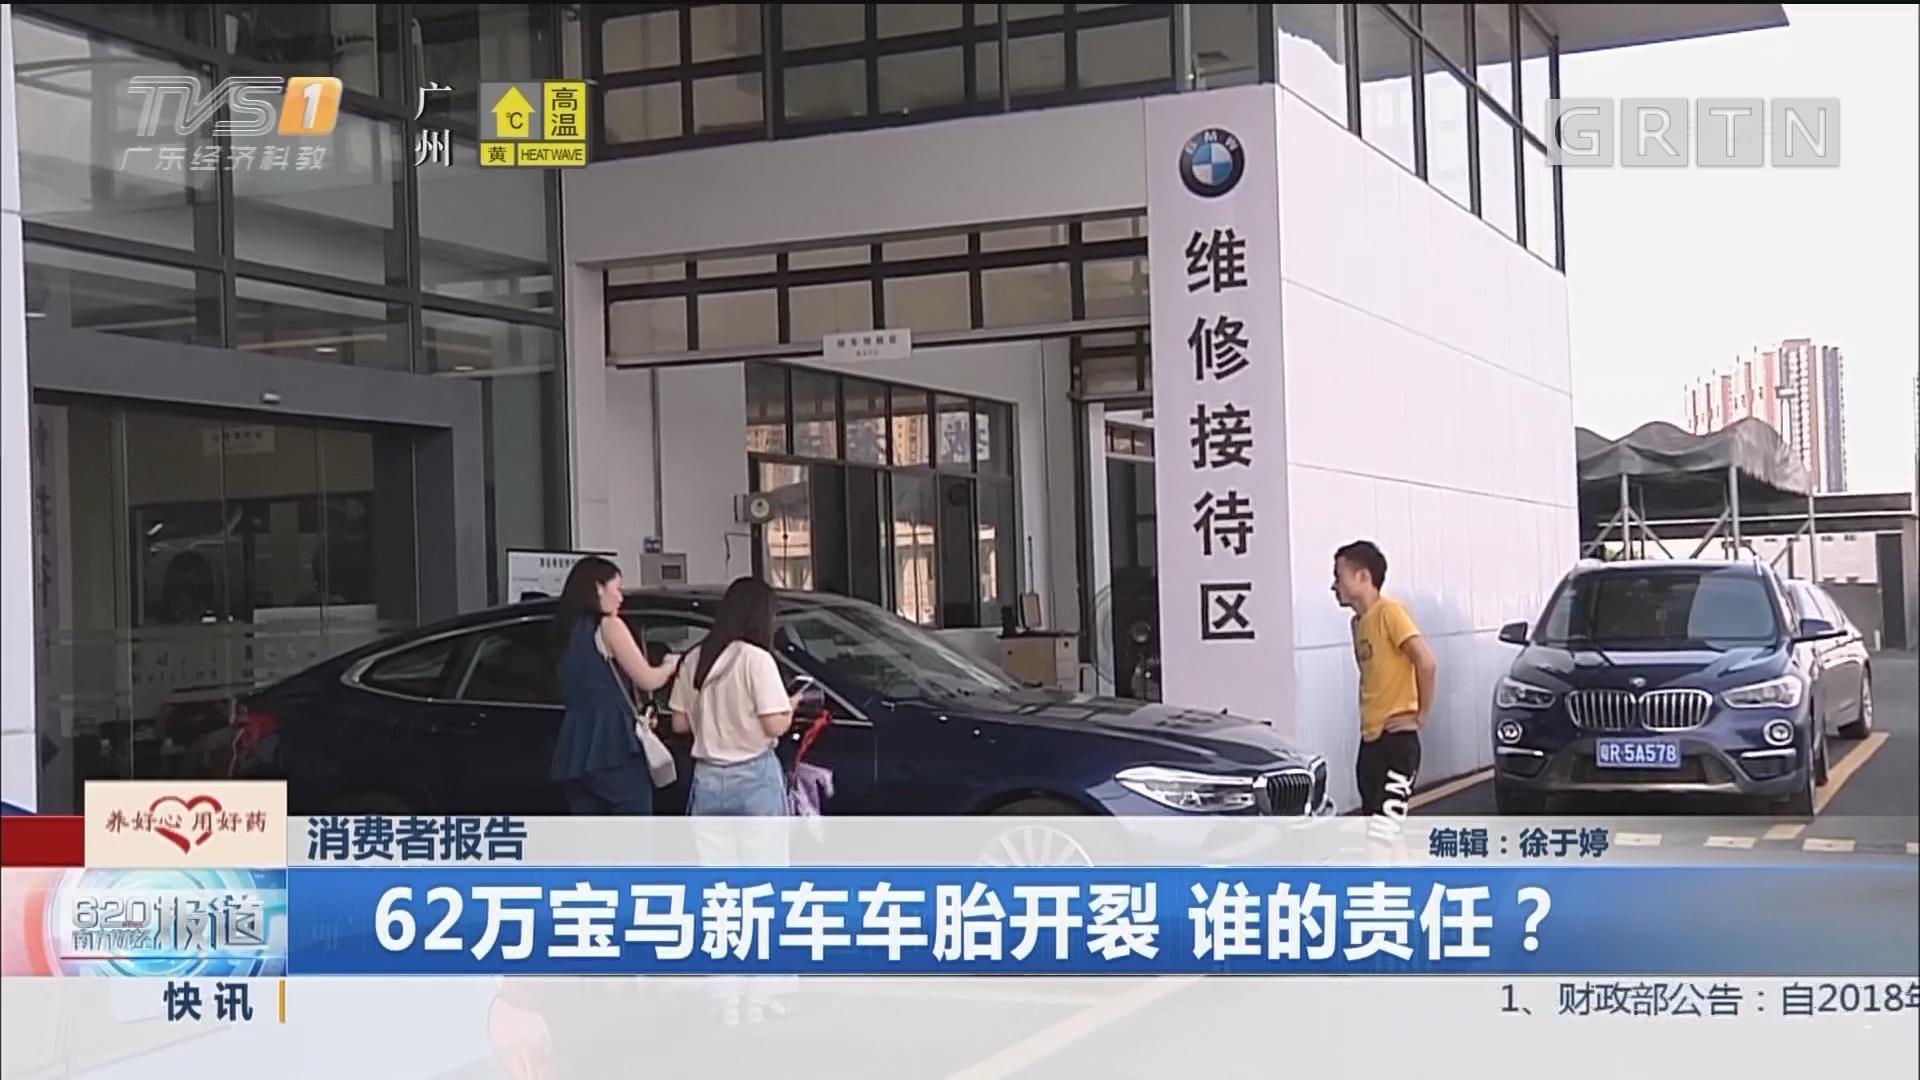 消费者报告:62万宝马新车车胎开裂 谁的责任?